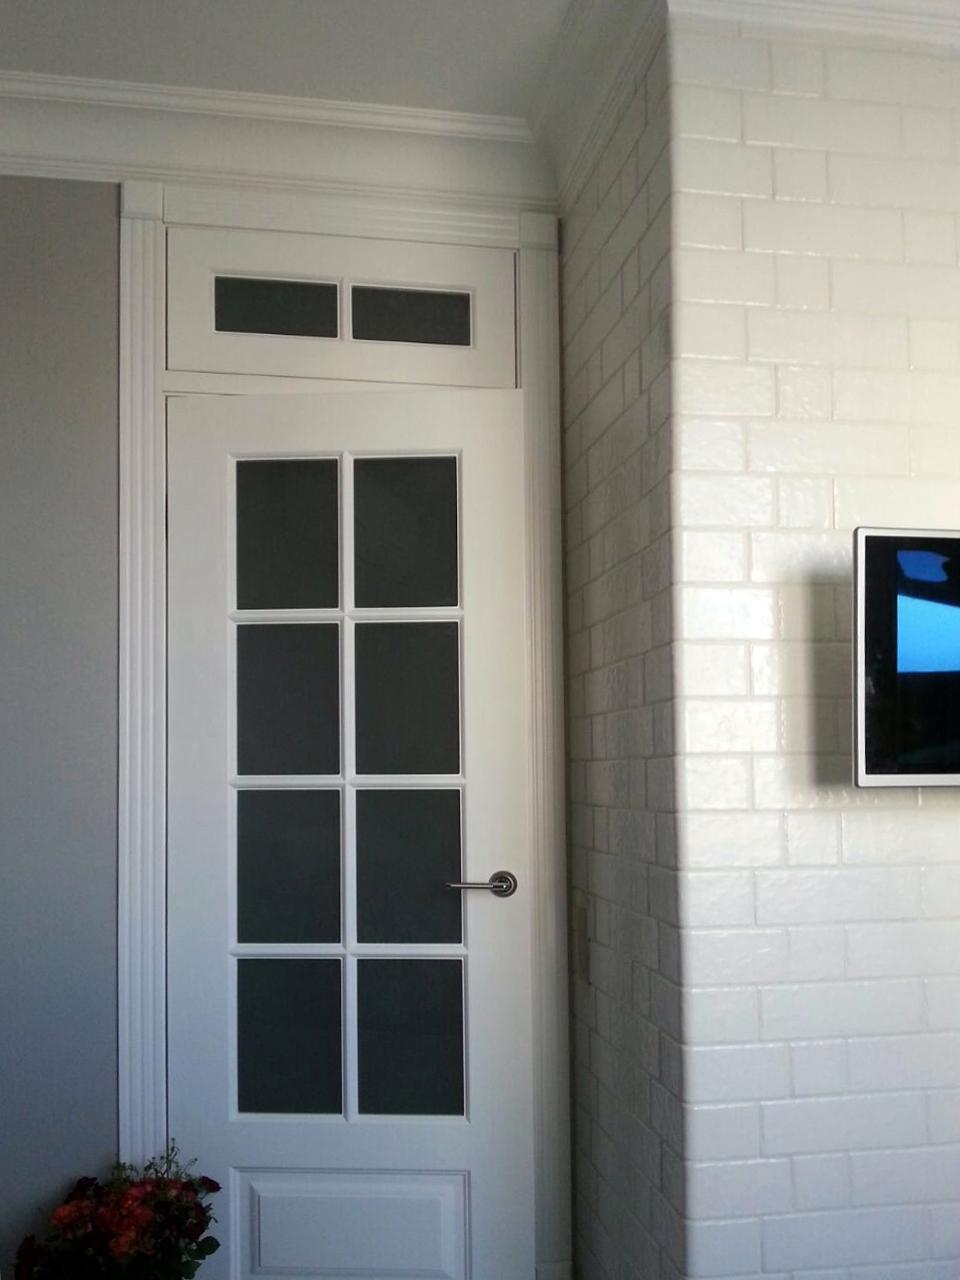 belye-dveri-foto-kazan-15